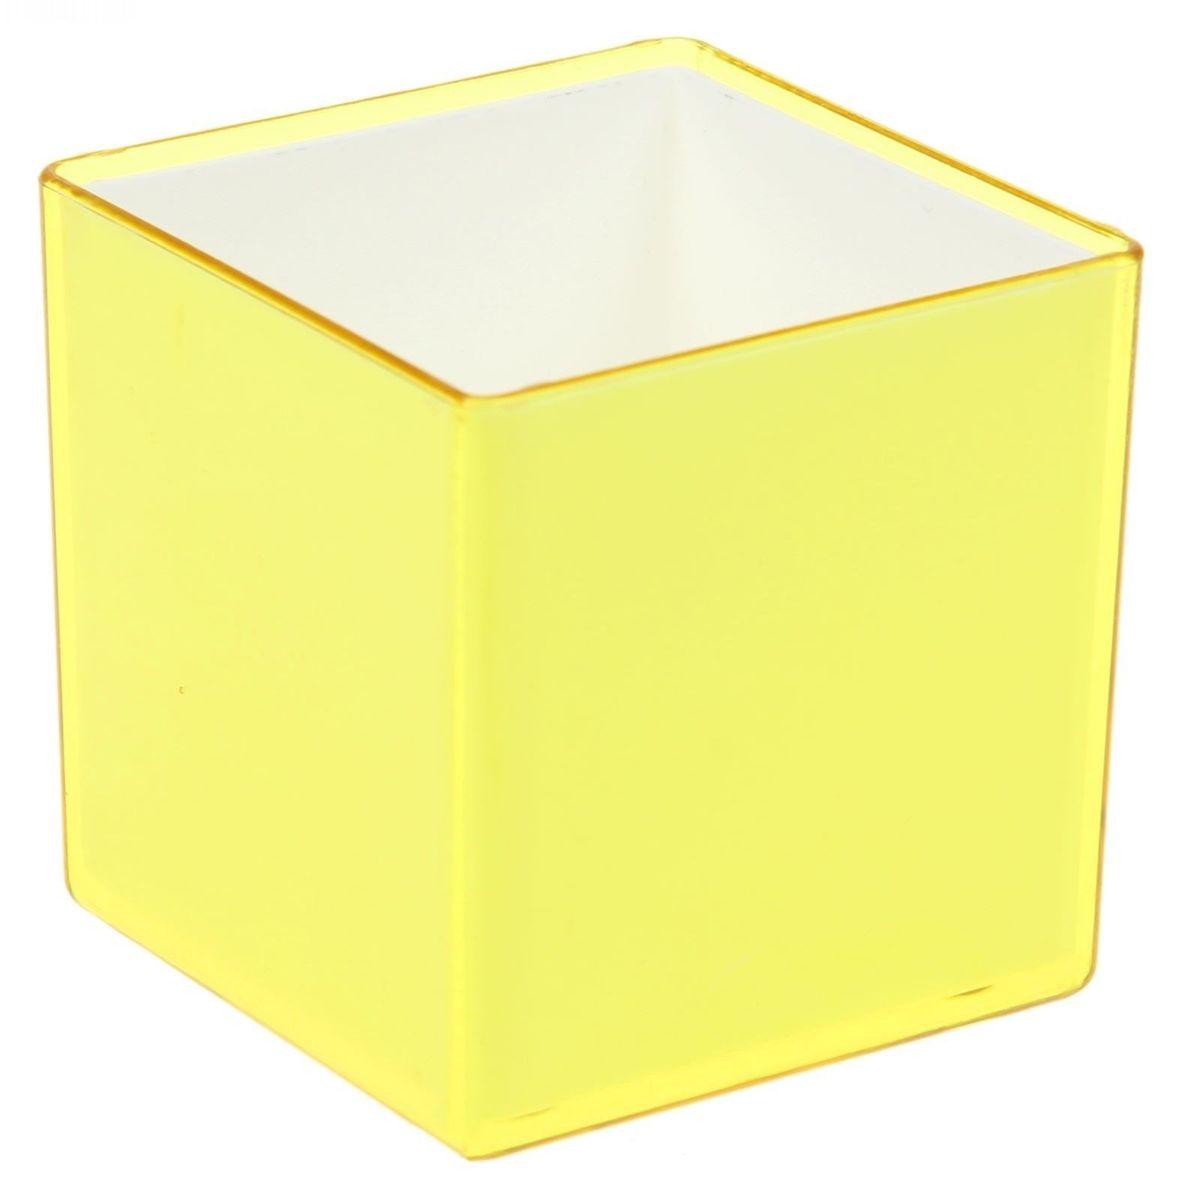 Кашпо JetPlast Мини куб, на магните, цвет: желтый, 6 x 6 x 6 см4612754050499Кашпо JetPlast Мини куб предназначено для украшения любого интерьера. Благодаря магнитной ленте, входящей в комплект, вы можете разместить его не только на подоконнике, столе или иной поверхности, а также на холодильнике и любой другой металлической поверхности, дополняя привычные вещи новыми дизайнерскими решениями. Кашпо можно использовать не только под цветы, но и как подставку для ручек, карандашей и прочих канцелярских мелочей. Размеры кашпо: 6 х 6 х 6 см.